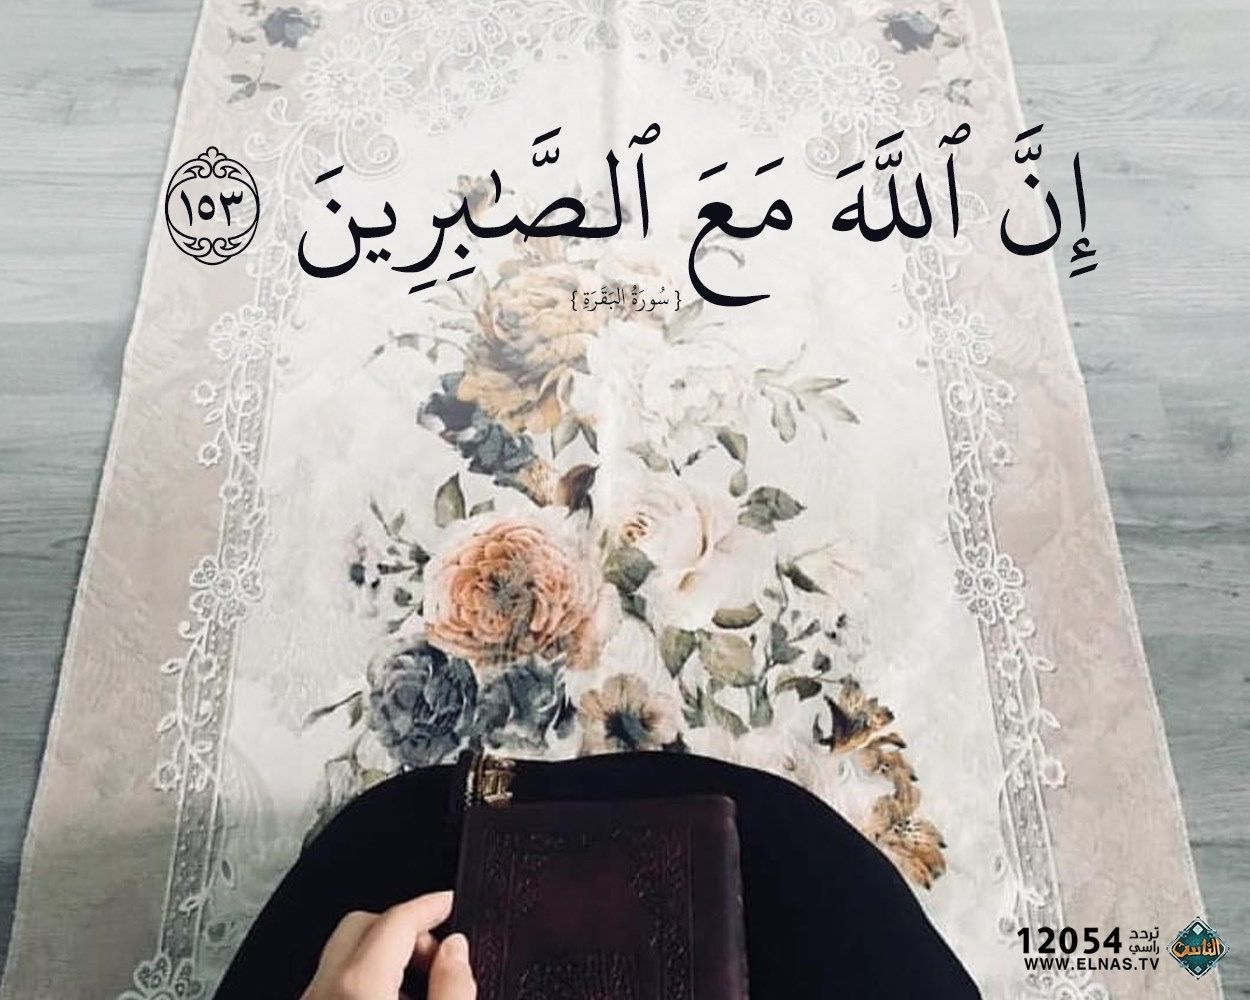 لو كانت الدنيا سهلة ميسـرة لما كان الصبر أحد أبواب الجنة قيل لأحد الص الحين ما هو الص بر الجميل قال أن Islamic Quotes Wallpaper Wallpaper Quotes Lace Top